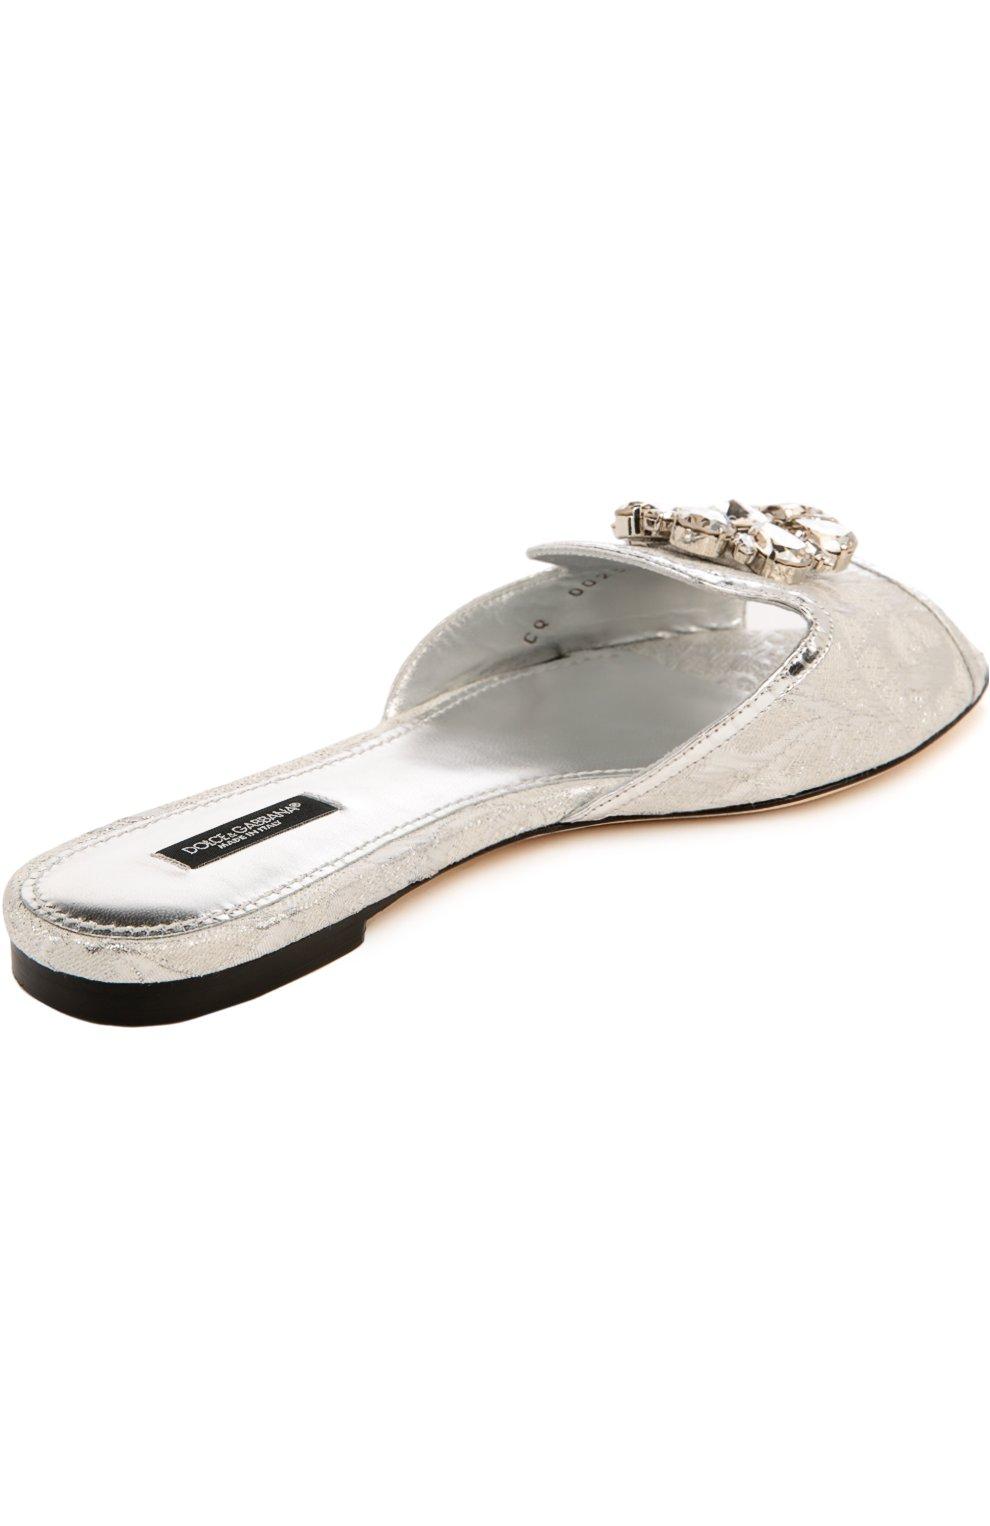 Кружевные шлепанцы Bianca с брошью Dolce & Gabbana серебряные | Фото №4